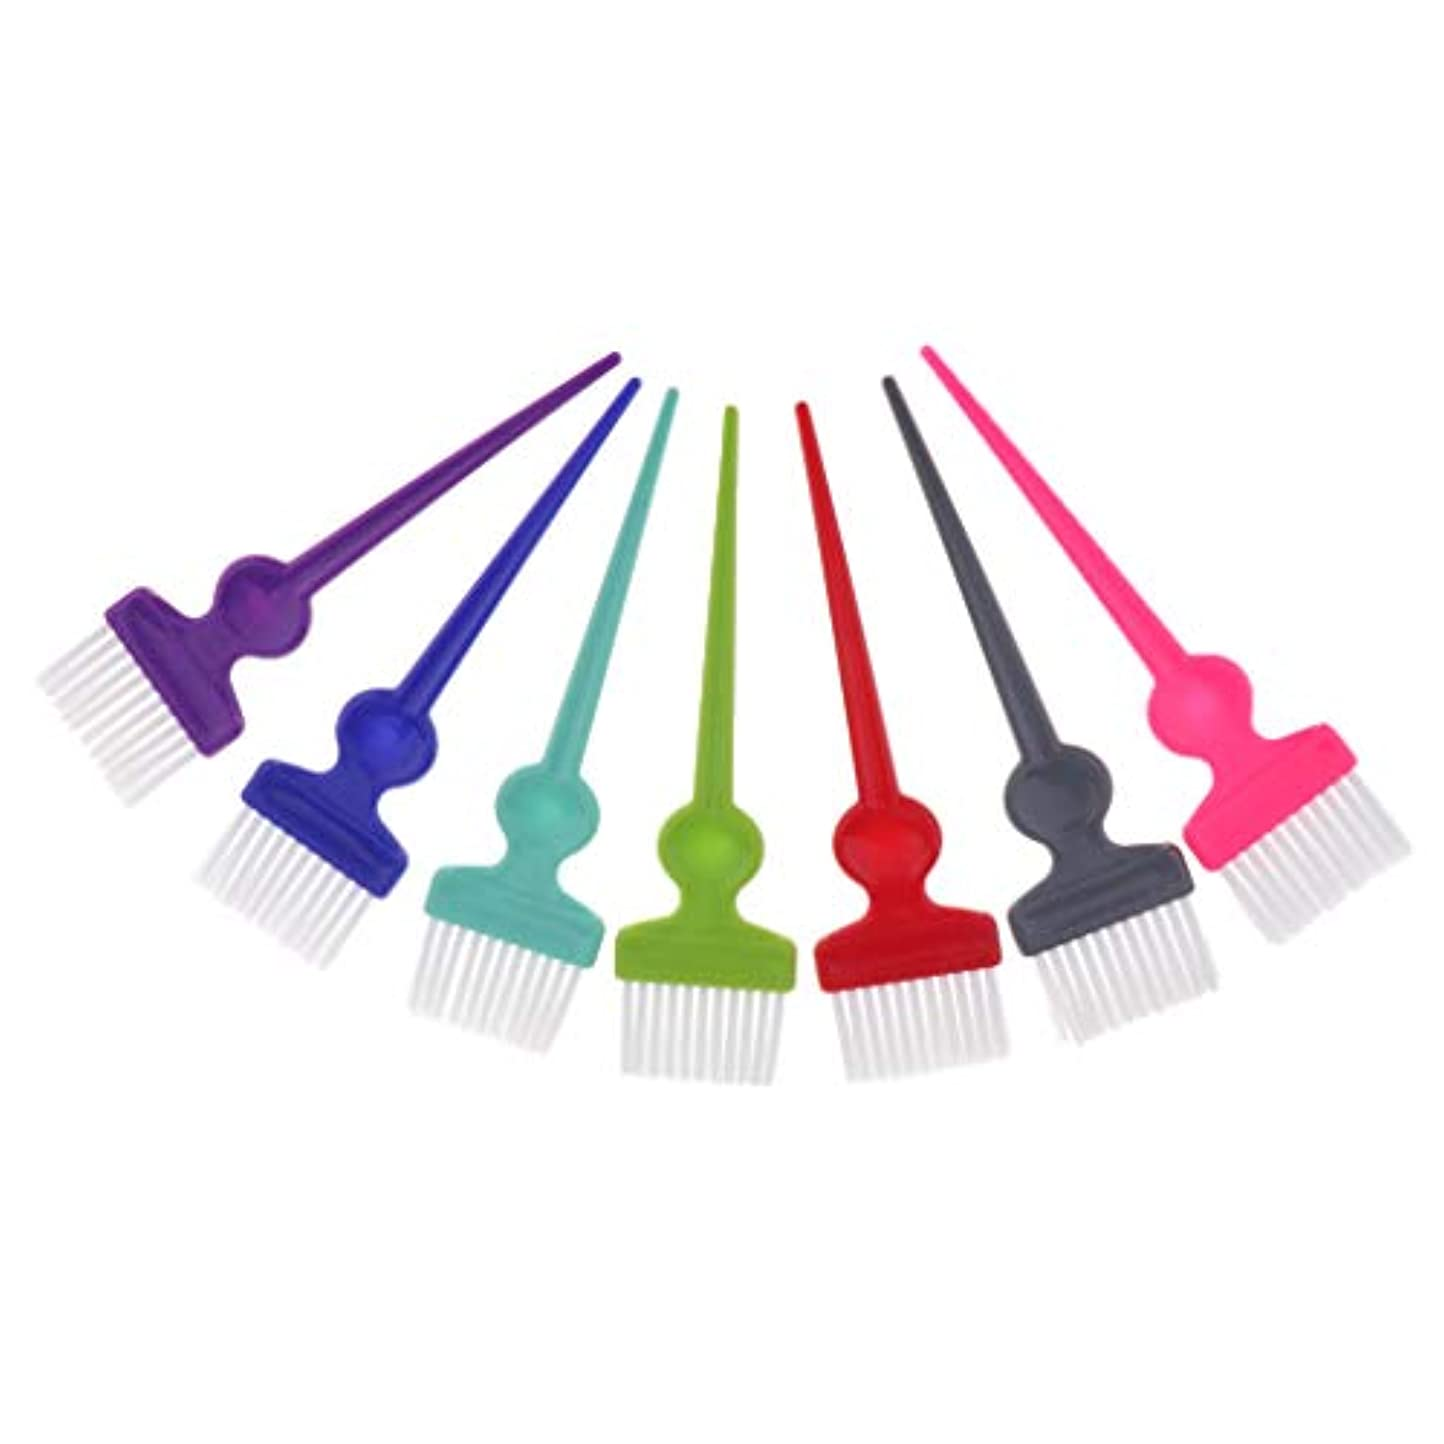 通り抜ける多様なロンドンヘアダイブラシ ヘアカラーブラシ 染毛ブラシ サロン 理容 理髪 髪着色ツール カラフル 7本セット